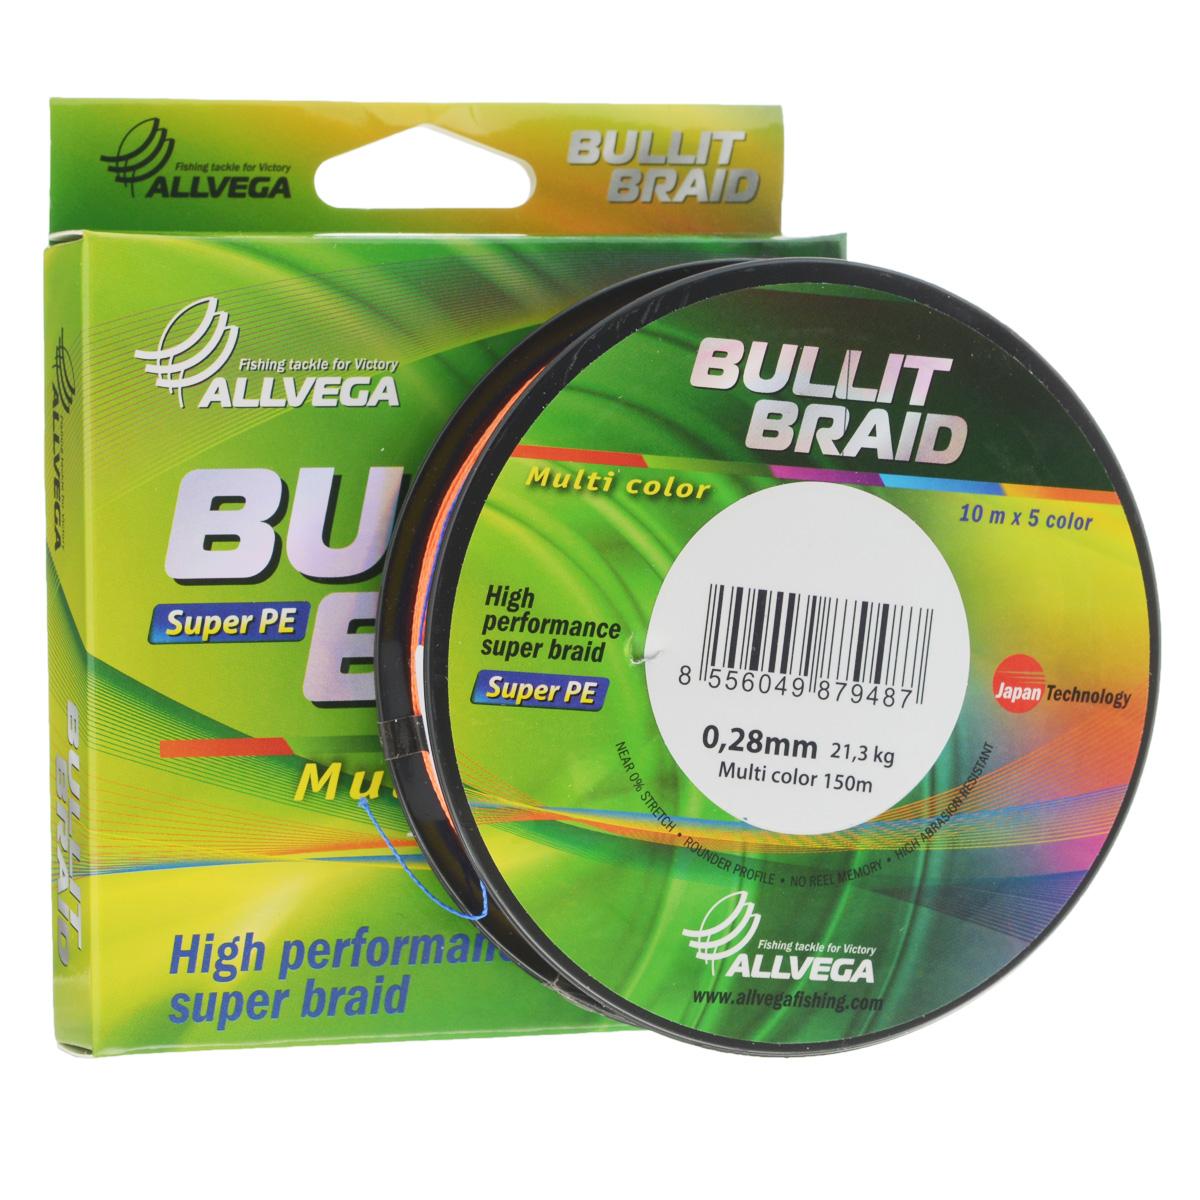 Леска плетеная Allvega Bullit Braid, цвет: мультиколор, 150 м, 0,28 мм, 21,3 кг36267Леска Allvega Bullit Braid с гладкой поверхностью и одинаковым сечением по всей длине обладает высокой износостойкостью. Благодаря микроволокнам полиэтилена (Super PE) леска имеет очень плотное плетение и не впитывает воду. Леску Allvega Bullit Braid можно применять в любых типах водоемов. Особенности:повышенная износостойкость;высокая чувствительность - коэффициент растяжения близок к нулю;отсутствует память; идеально гладкая поверхность позволяет увеличить дальность забросов; высокая прочность шнура на узлах.